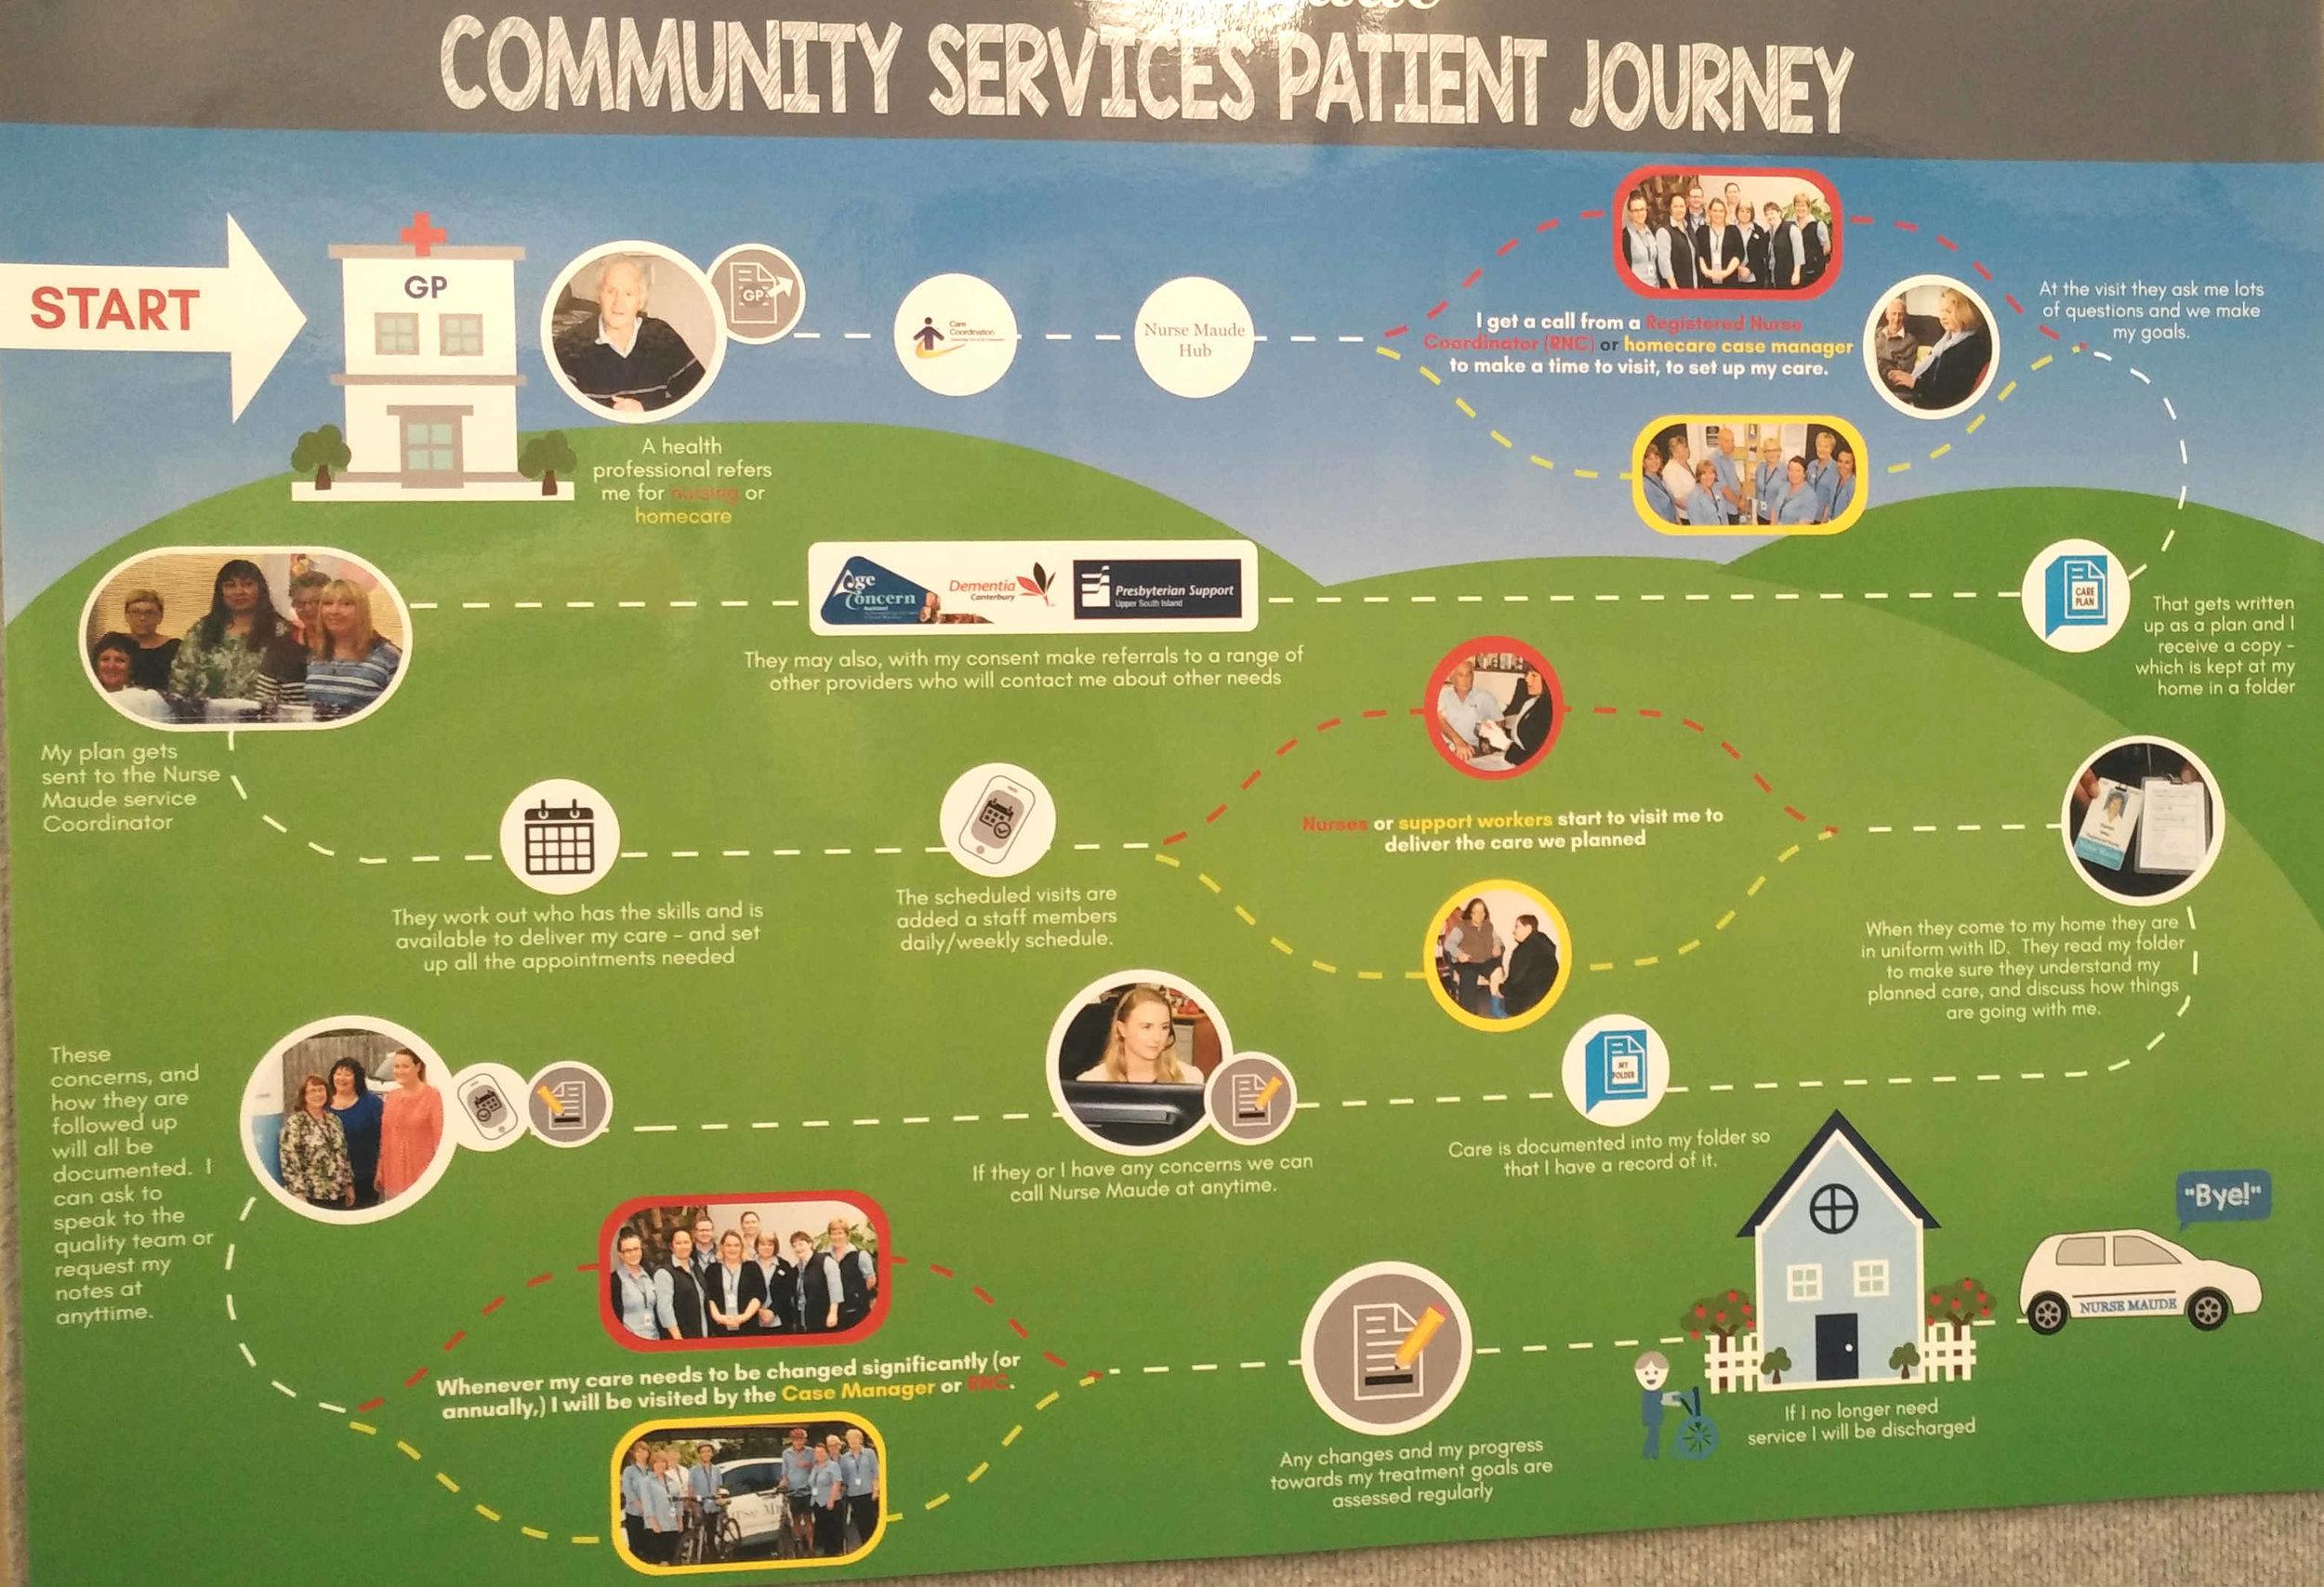 a patient's journey through community services